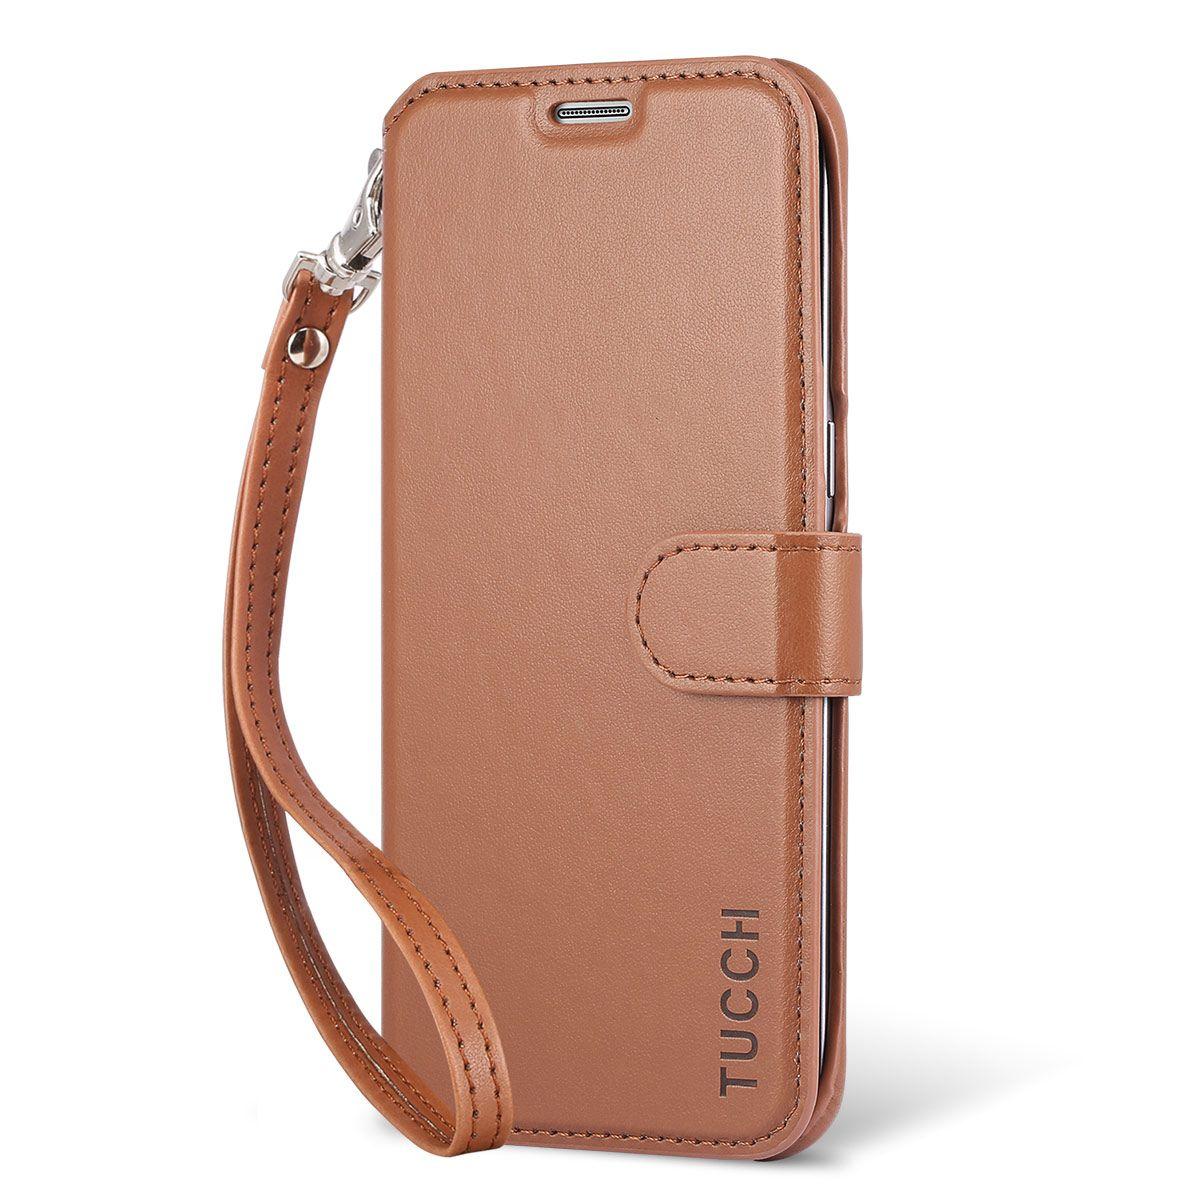 info for b9e13 f2314 TUCCH Galaxy S7 Edge Flip Folio Case - Kickstand Feature